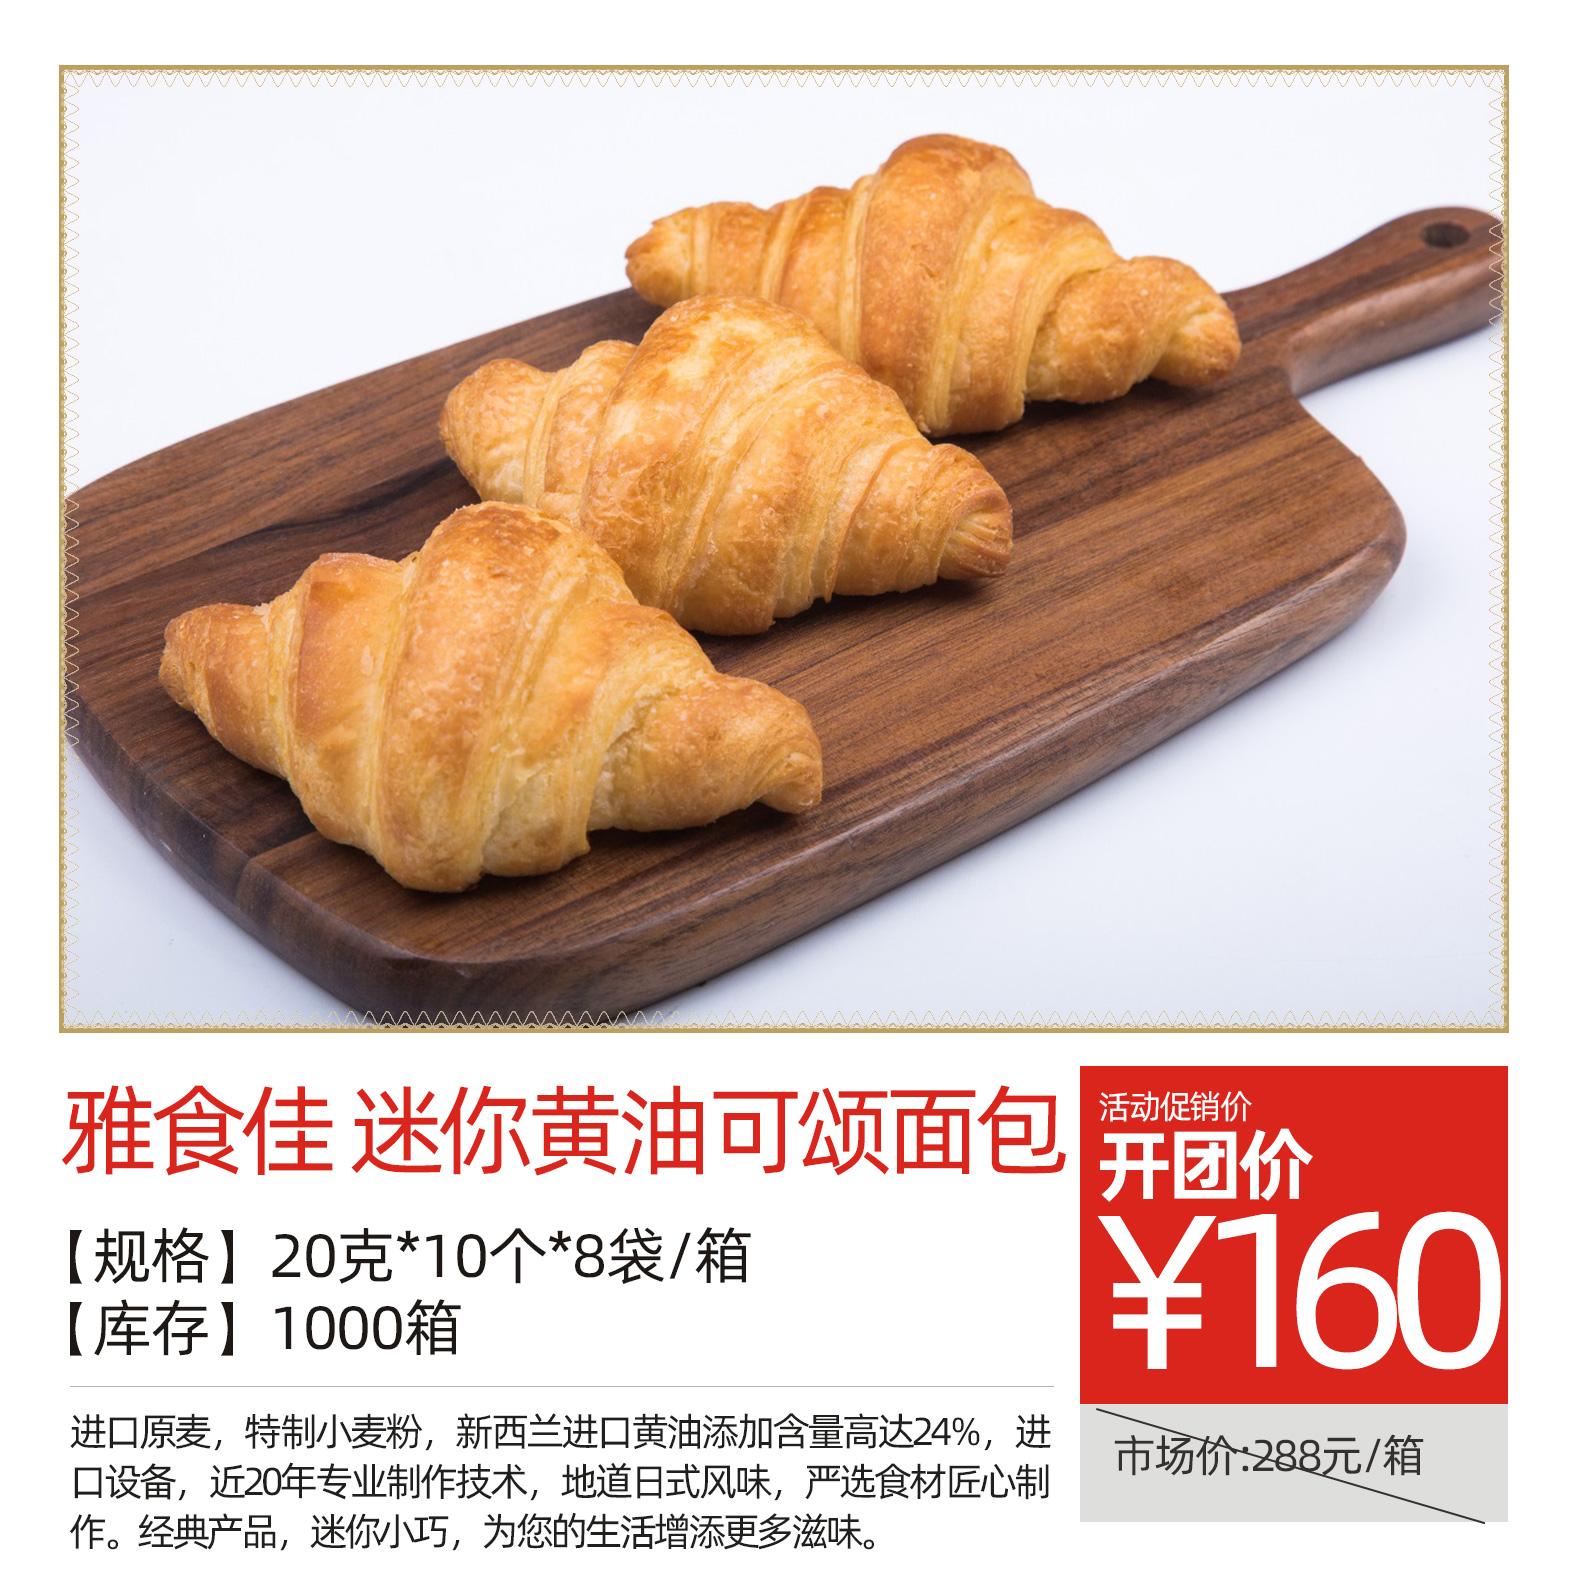 雅食佳 迷你黄油可颂面包 一箱8袋 60箱起订发货